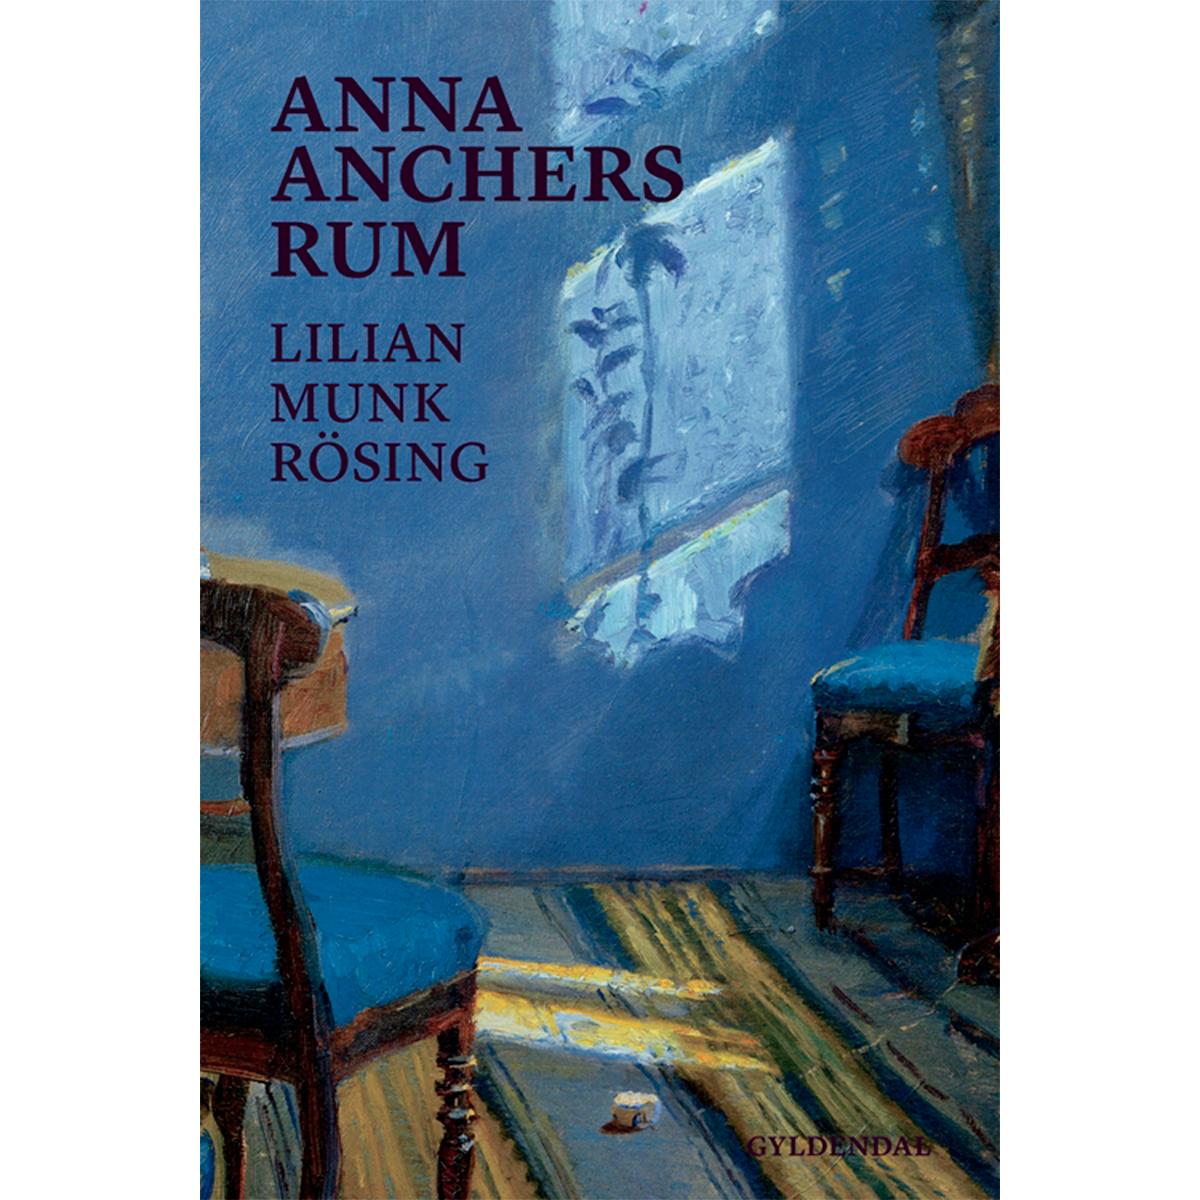 Billede af Anna Anchers rum - Hæftet